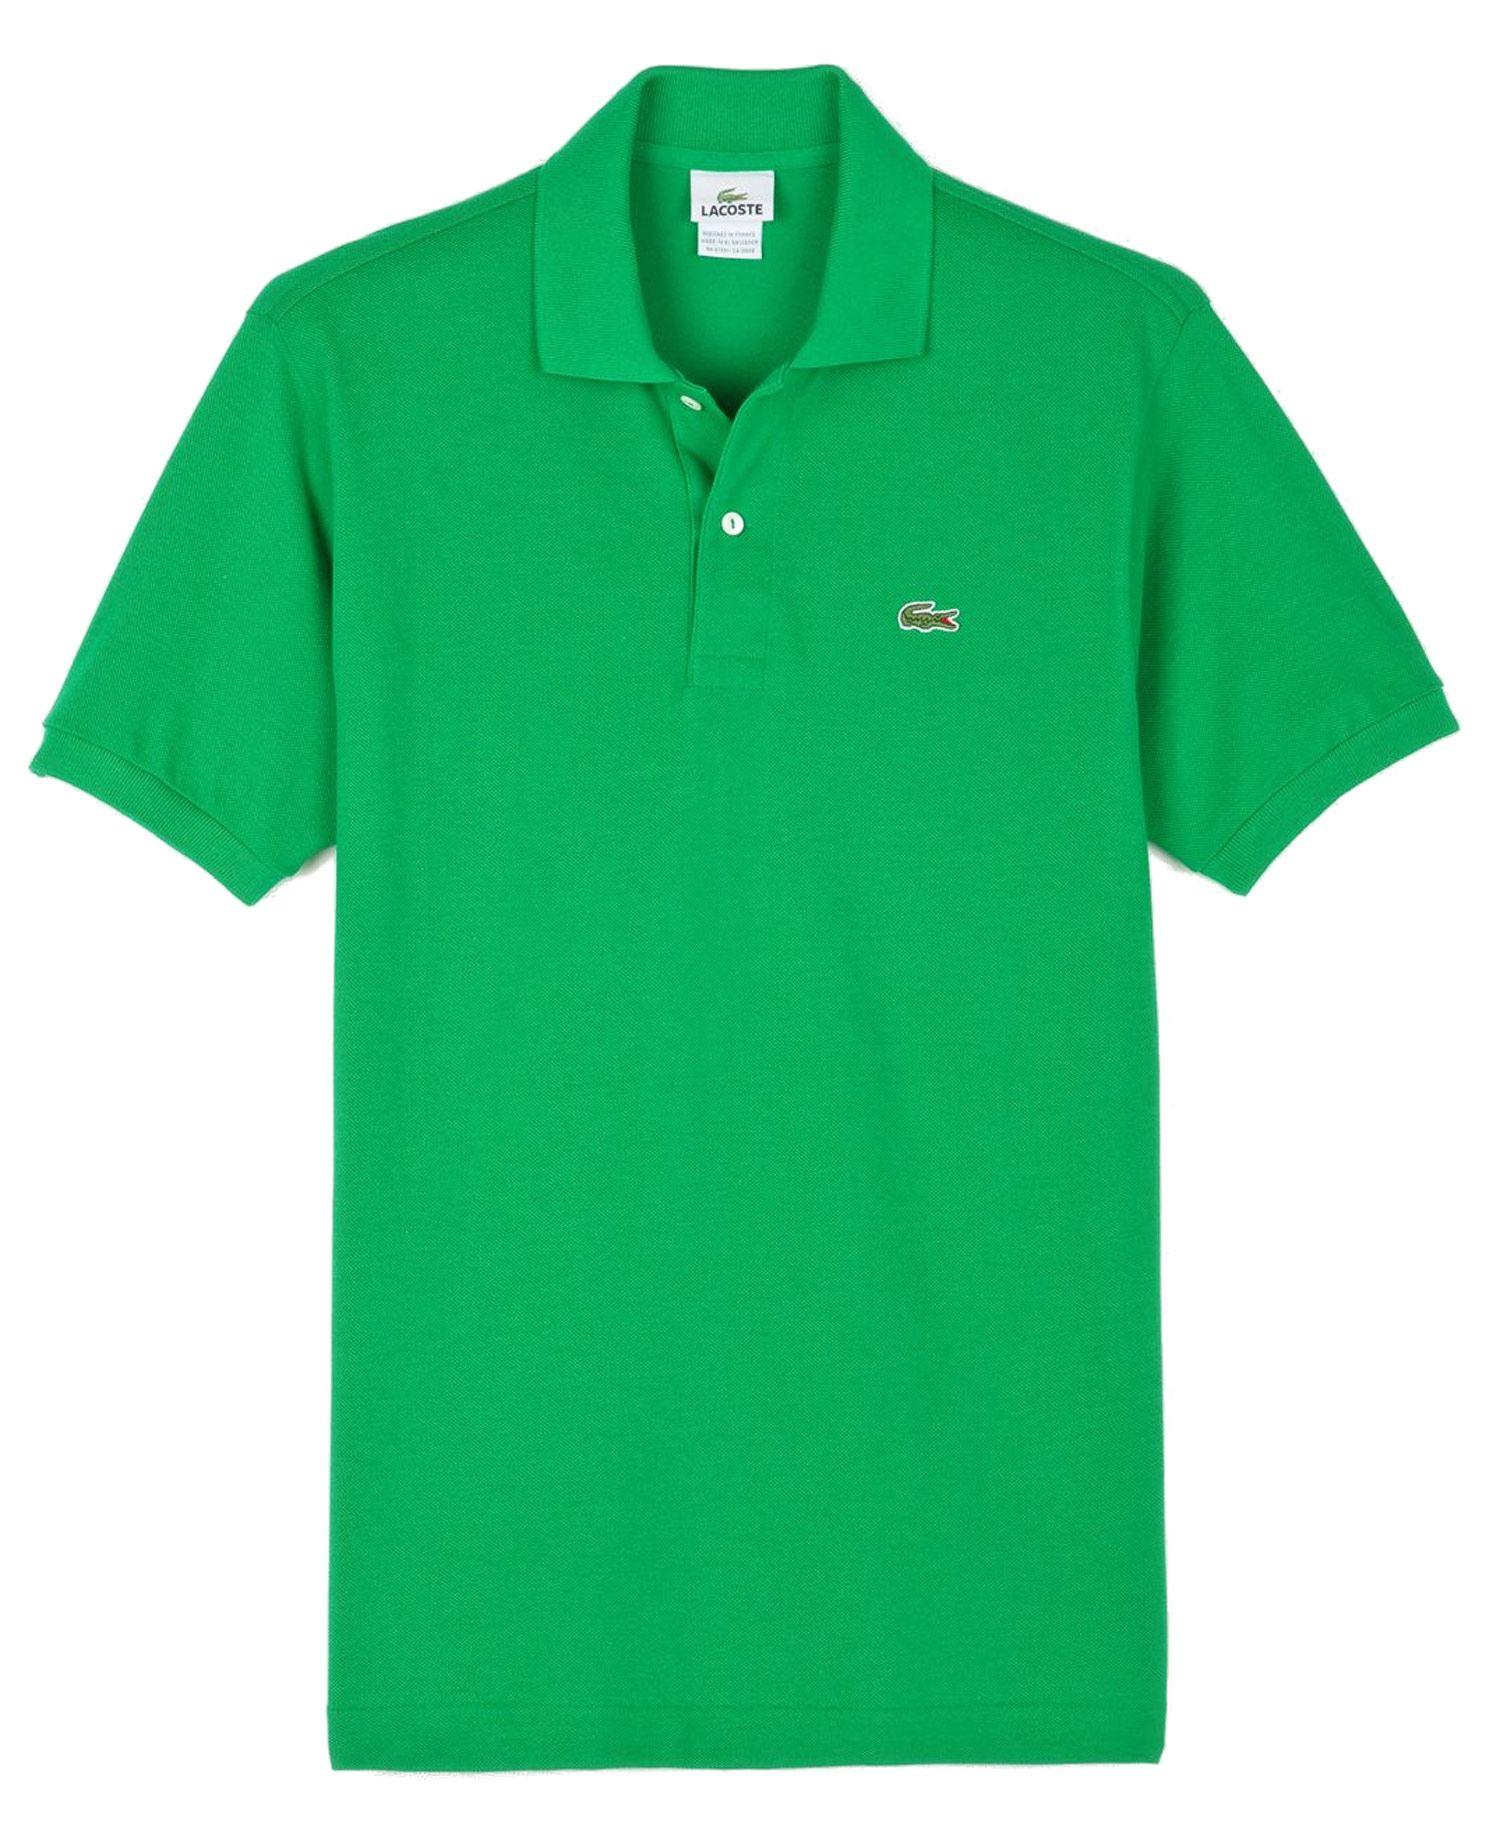 6e5991536e9f5 Lacoste L1212 Original Polo Shirt - 100% Cotton Moda De Patrón